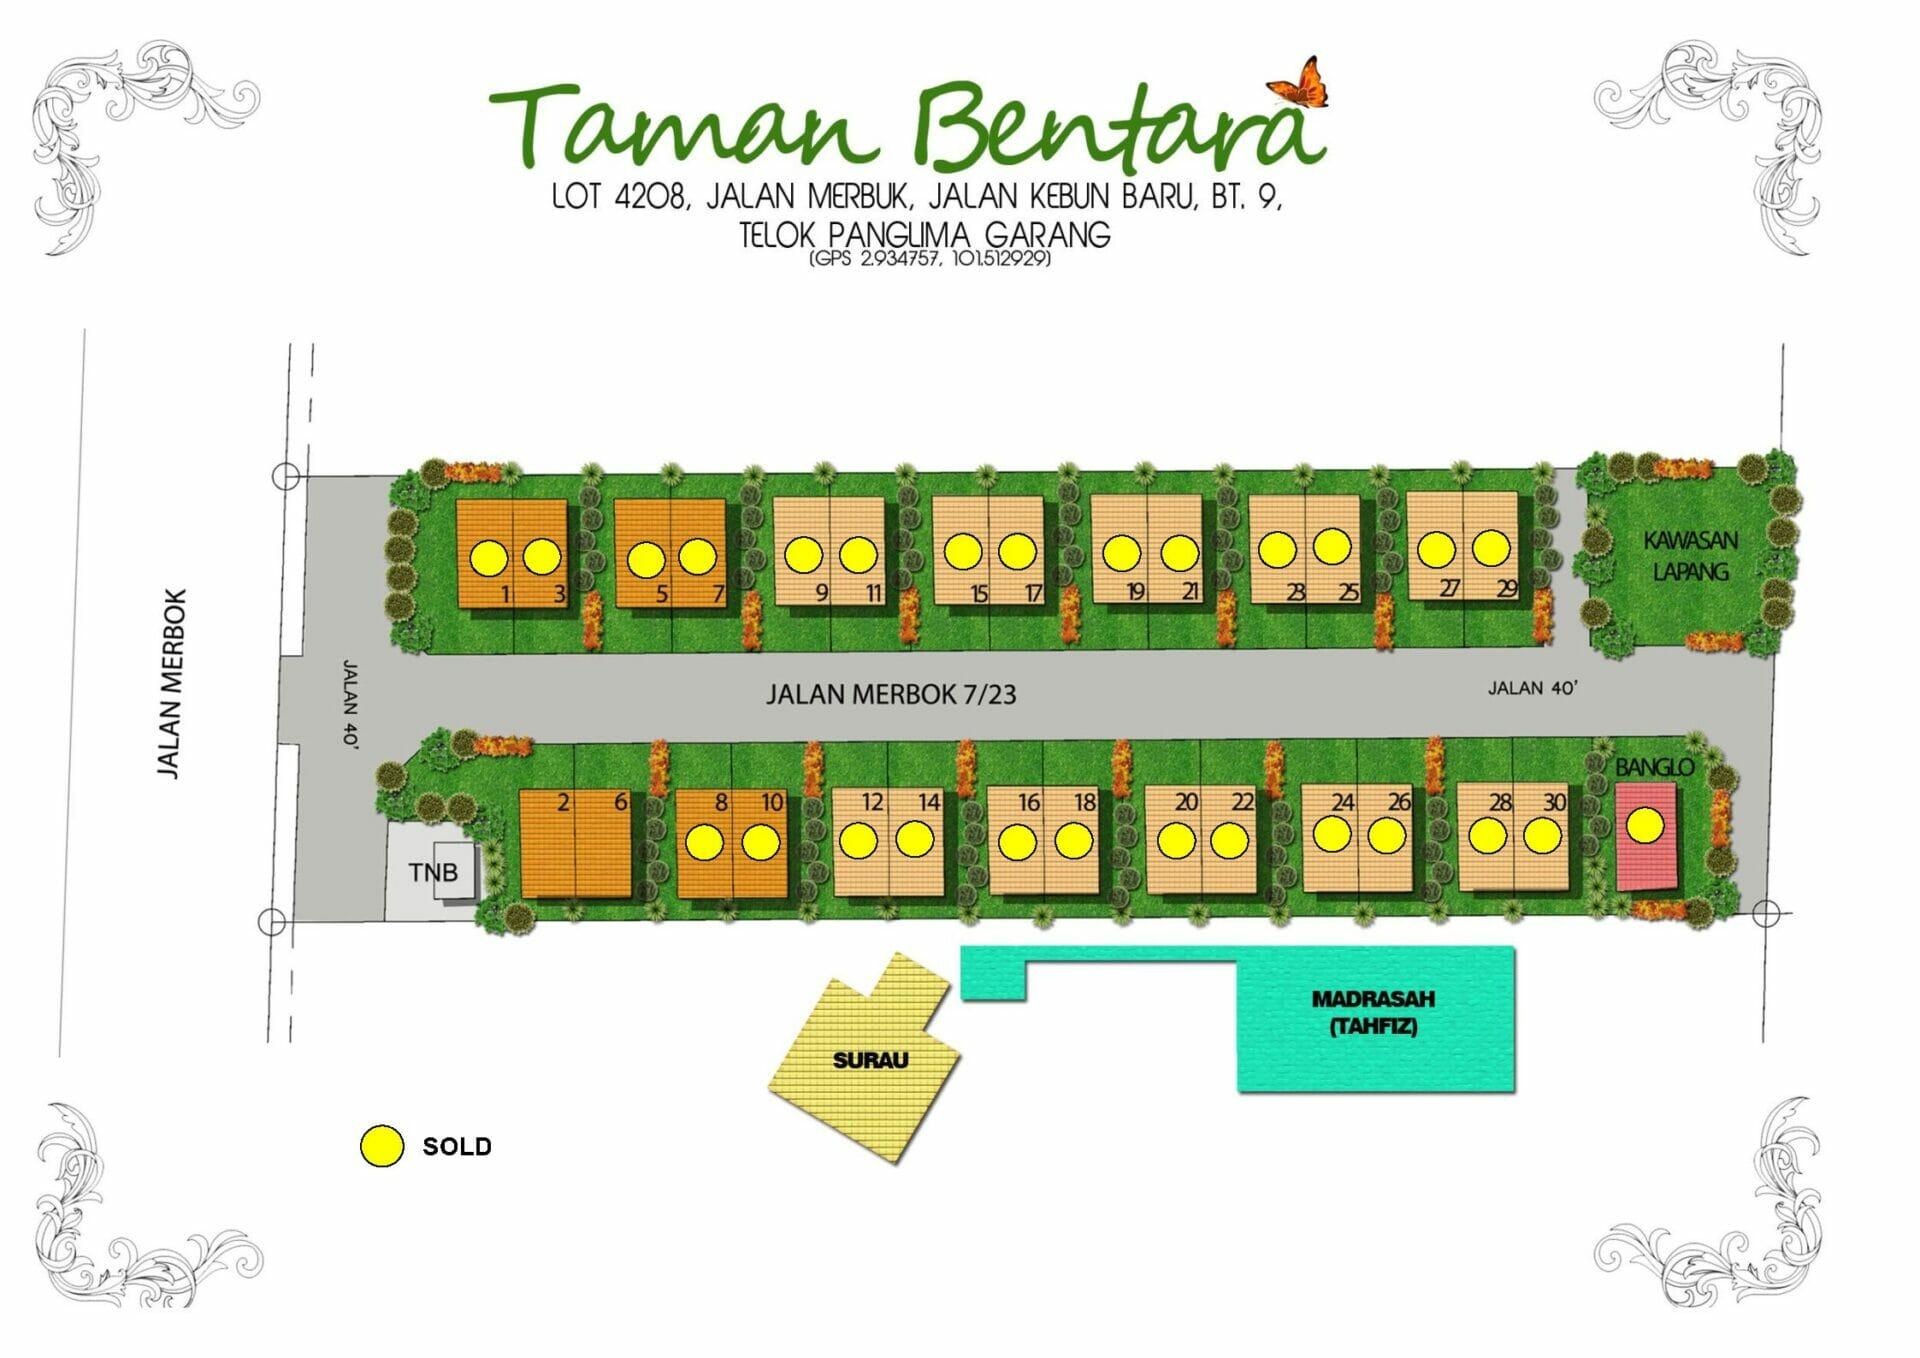 Lot 4208 Taman Bentara, Teluk Panglima Garang 1